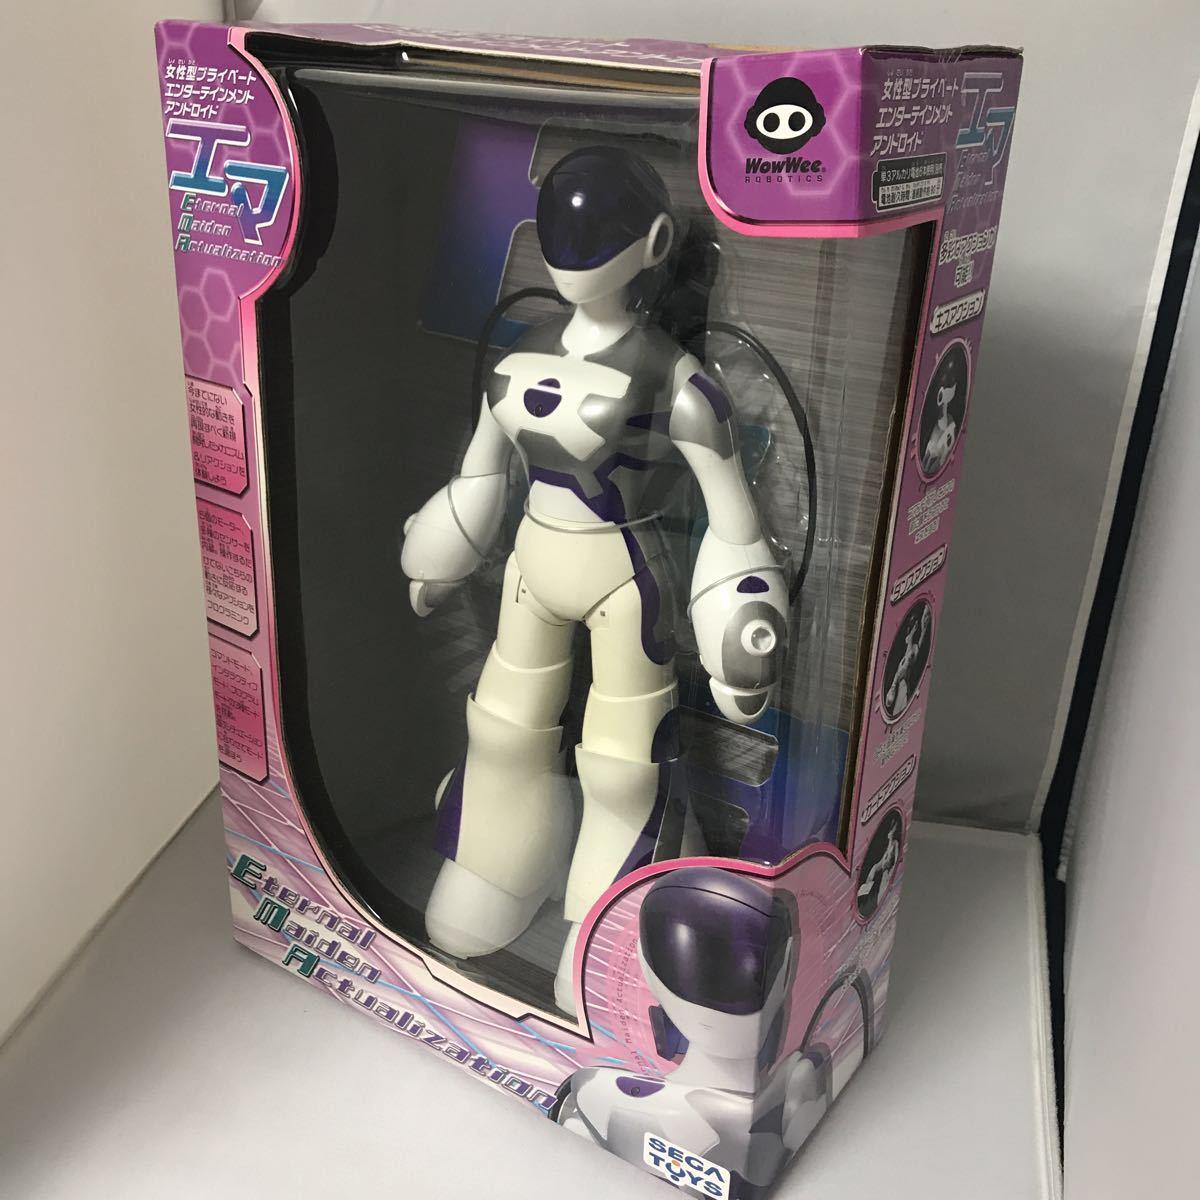 【未開封】セガトイズ エマ(E.M.A) 自律型女性ヒューマノイドロボット_画像2